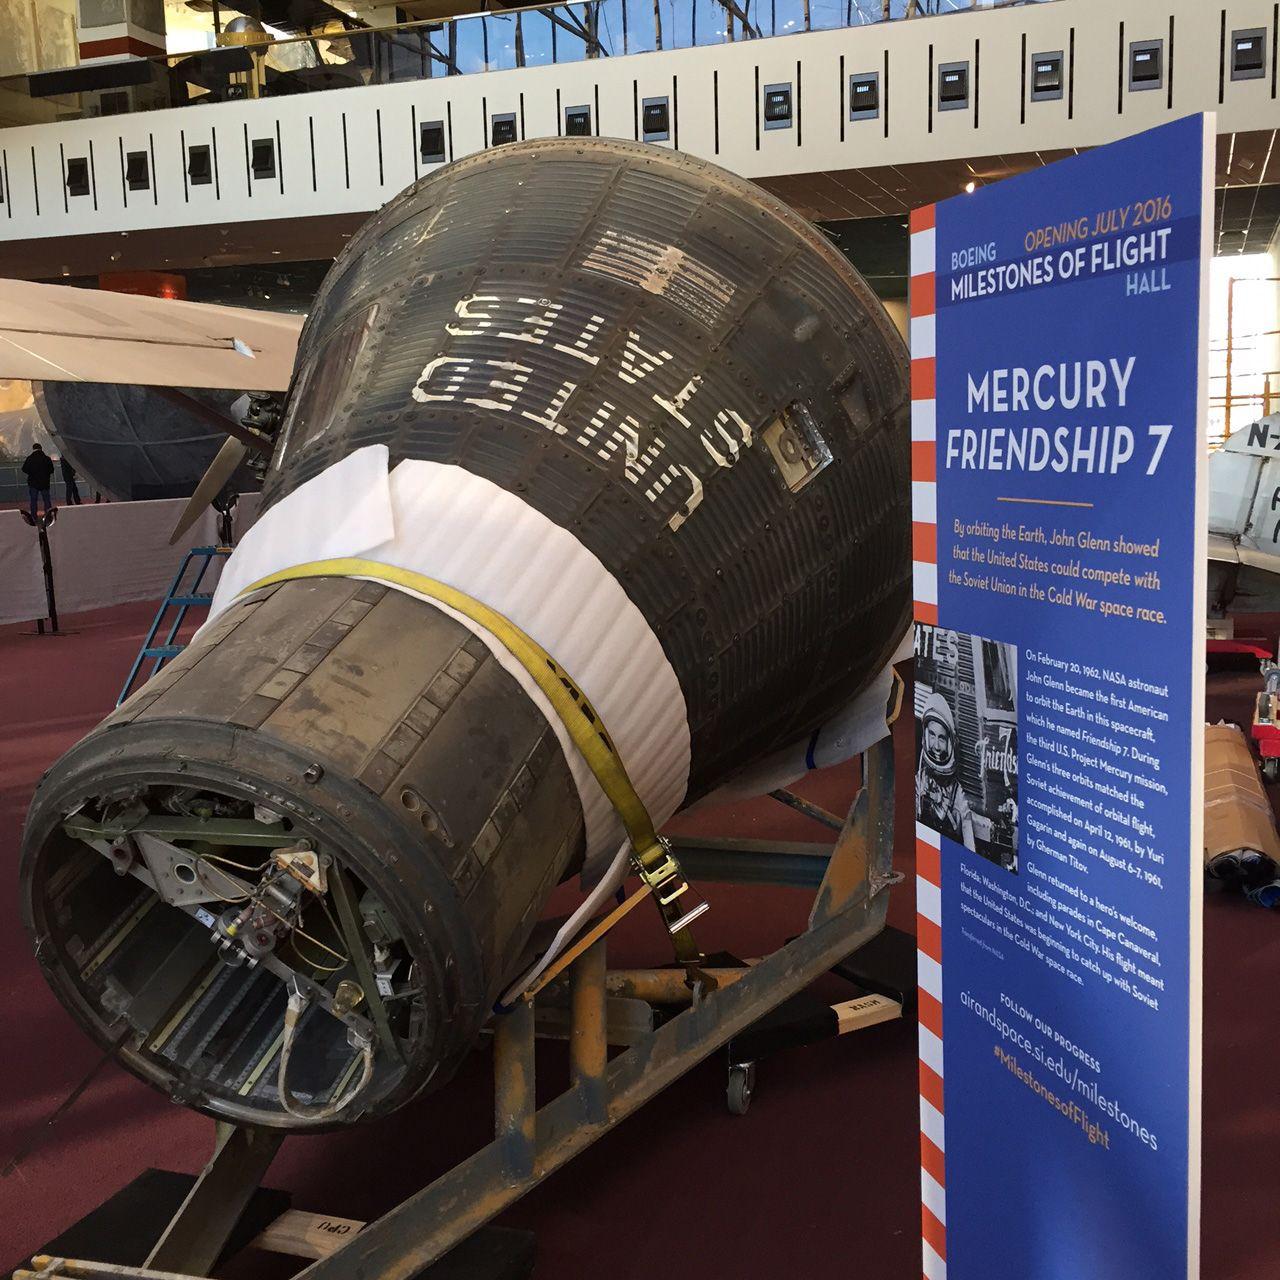 friendship 7 spacecraft take off - photo #9